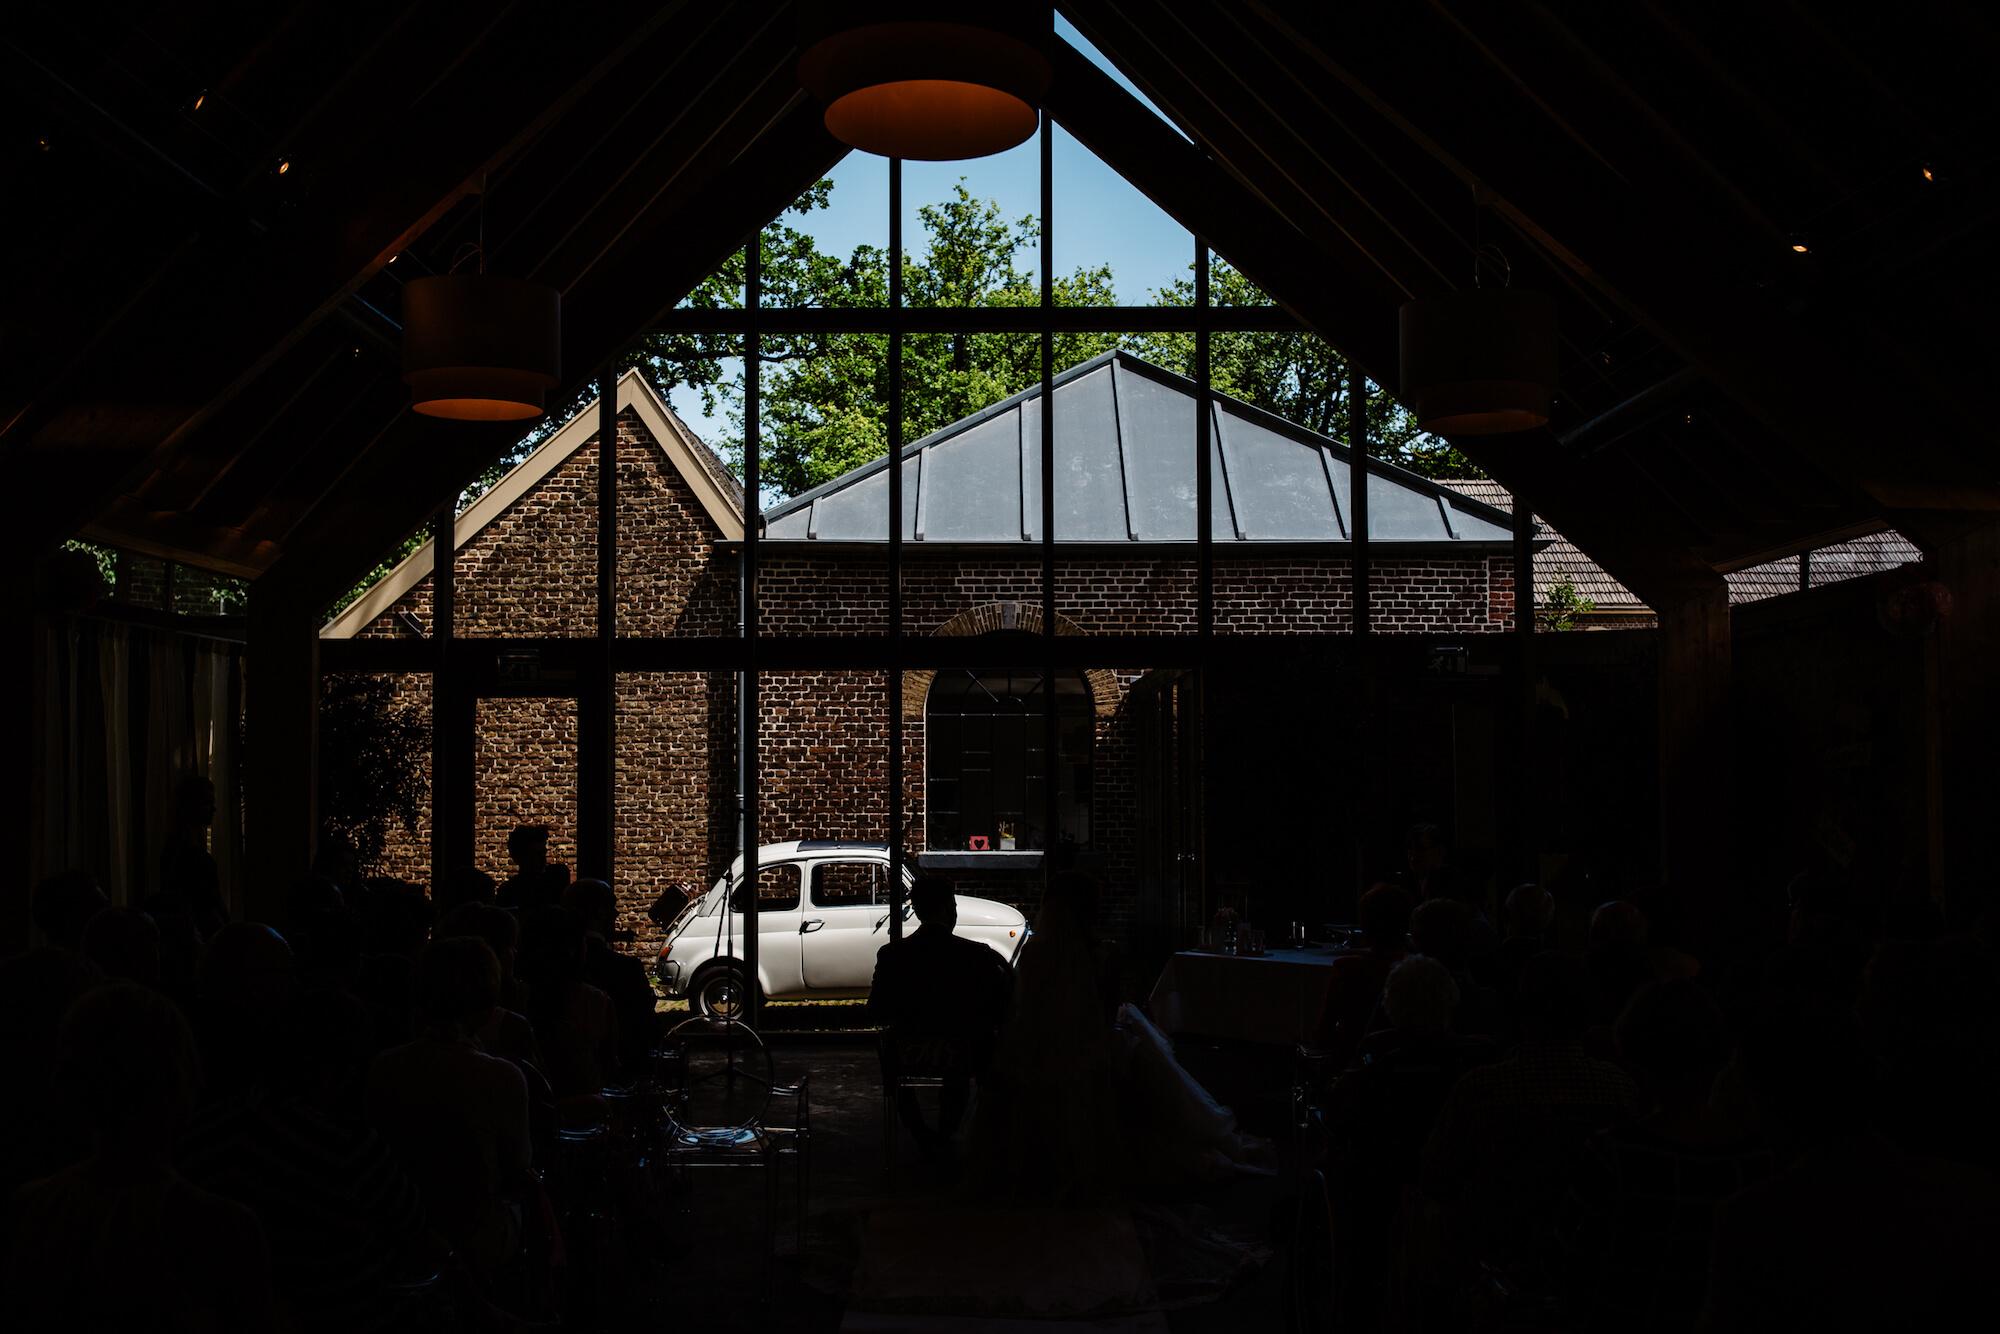 kasteelhoeve-geldrop-bruidsfotograaf-9.jpg